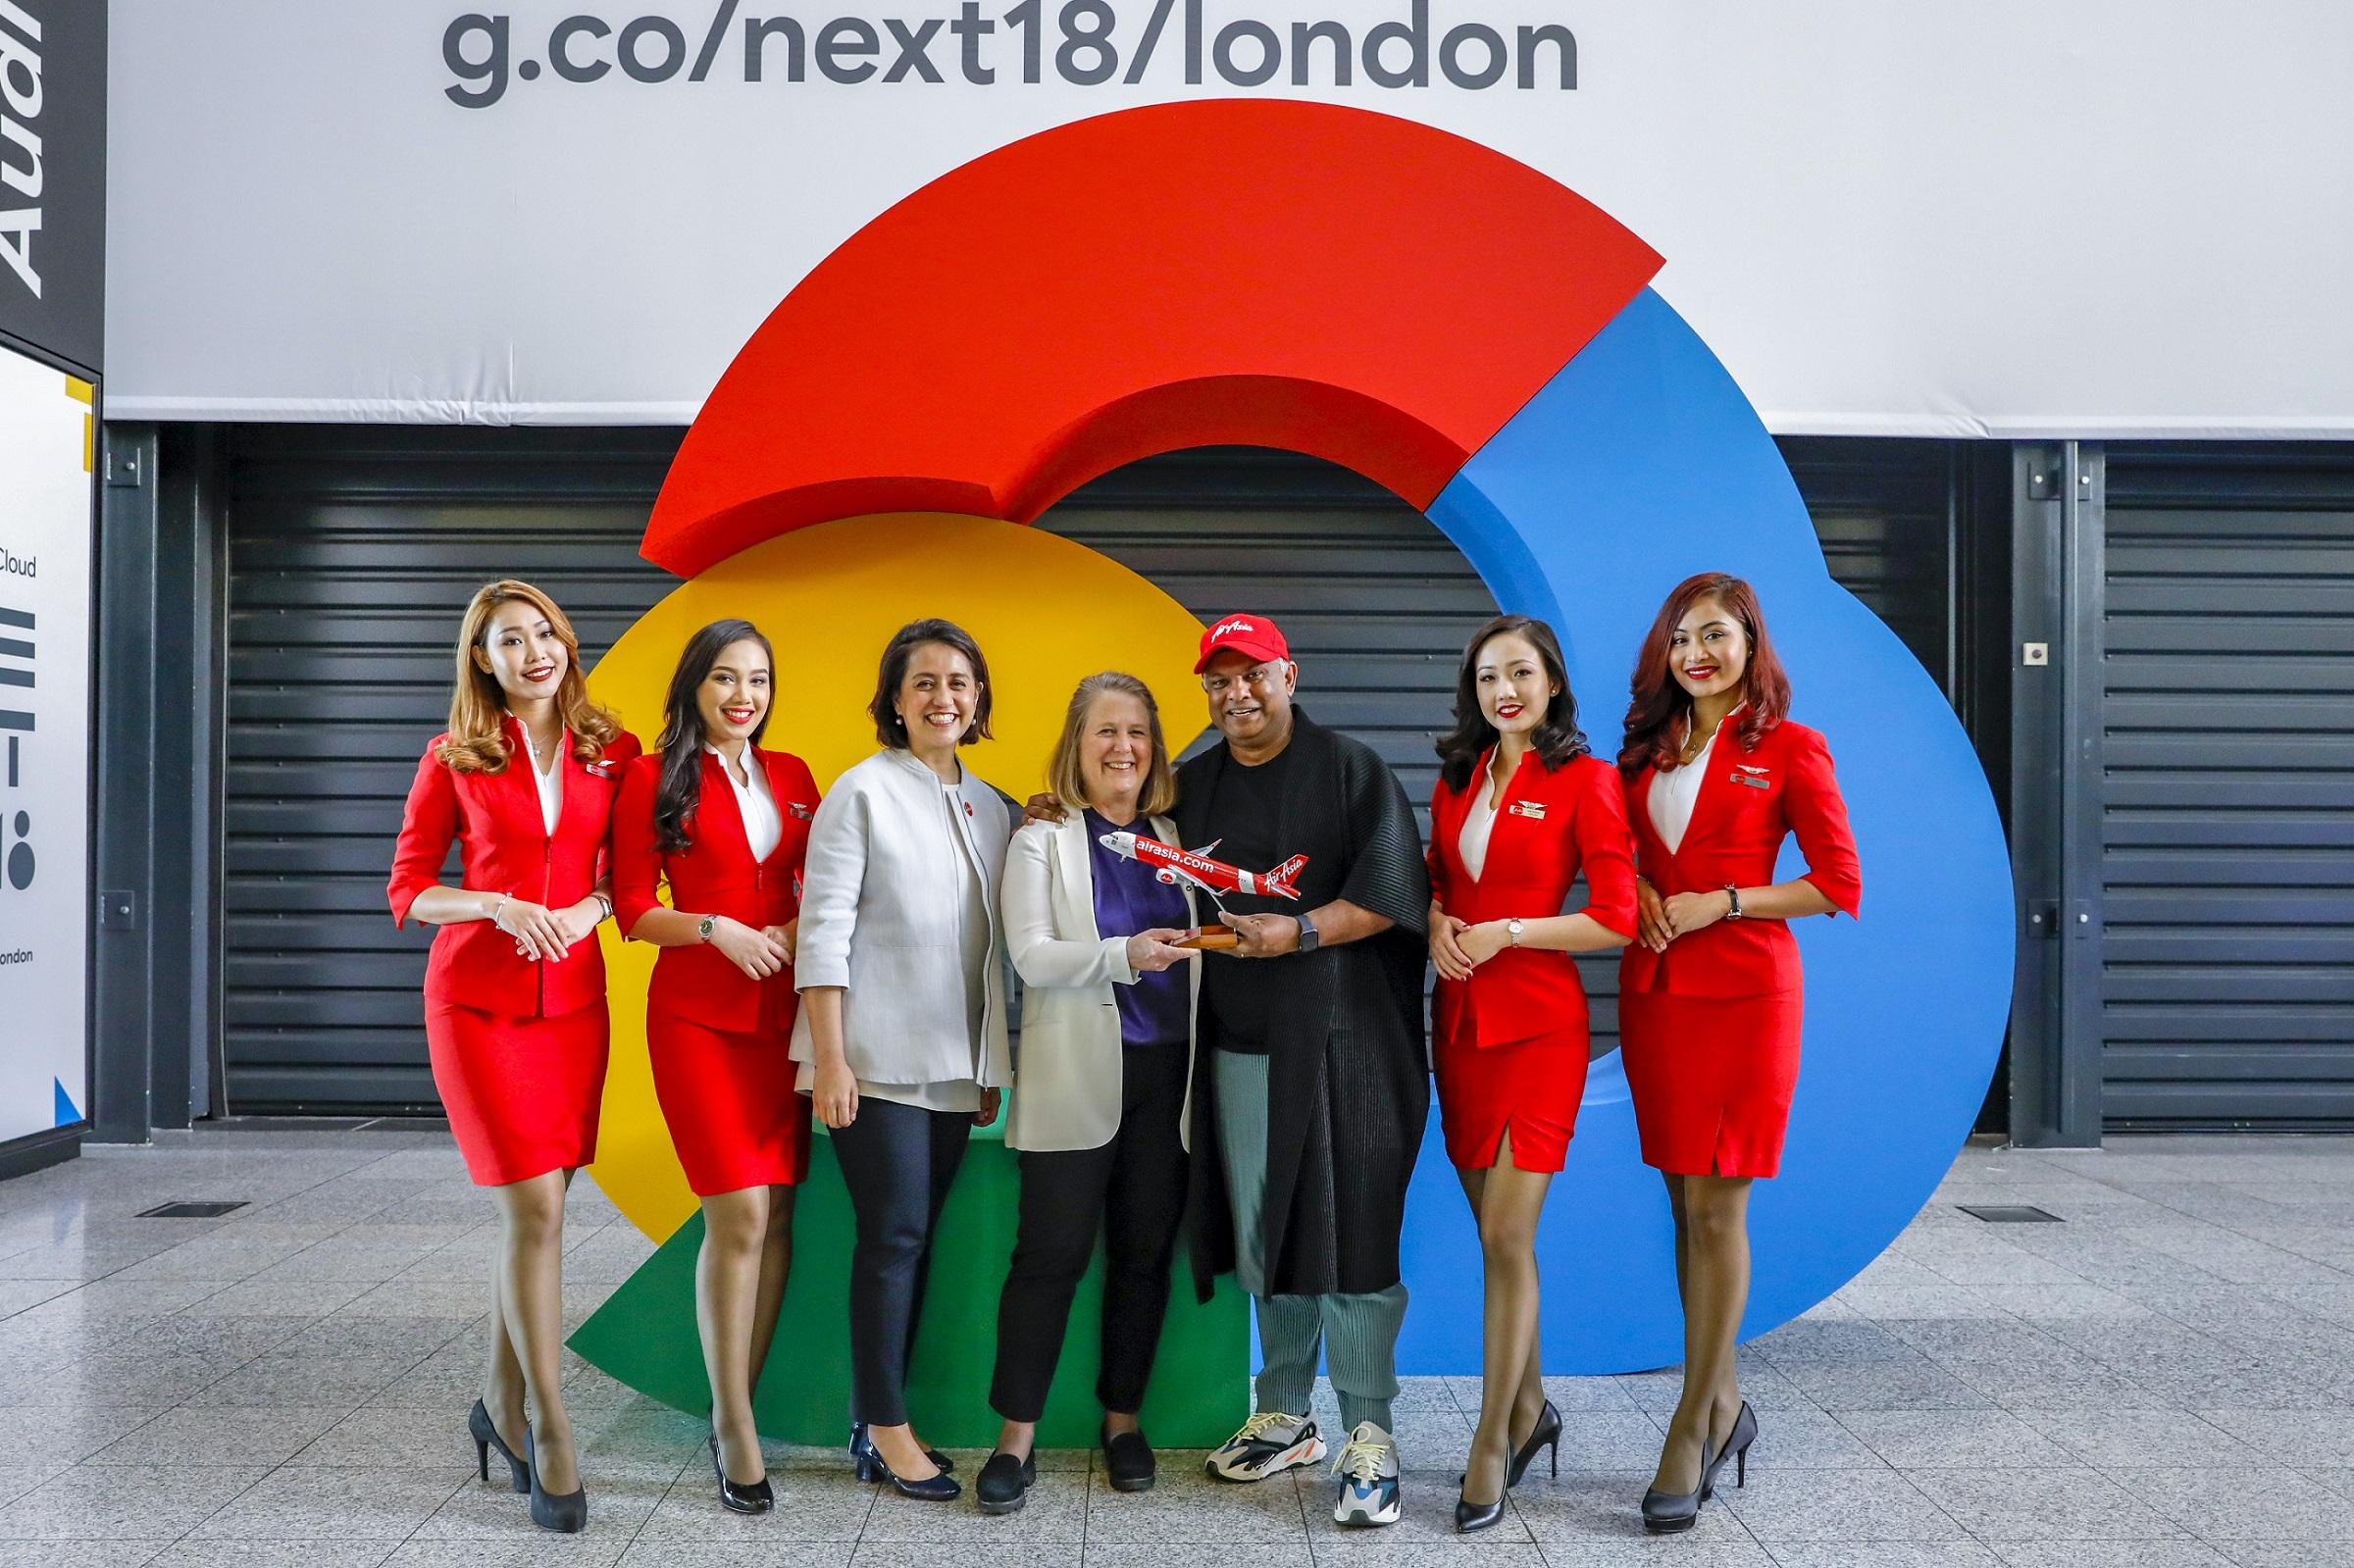 '구글 클라우드 넥스트 2018 런던(Google Cloud NEXT'18 London)'에서 다이앤 그린 구글 클라우드 CEO(가운데)와 토니 페르난데스 에어아시아 그룹 CEO(오른쪽에서 세 번째), 아이린 오마르 에어아시아 디지털 혁신부 CEO(왼쪽에서 세 번째)가 에어아시아 승무원들과 함께 포즈를 취하고 있다.